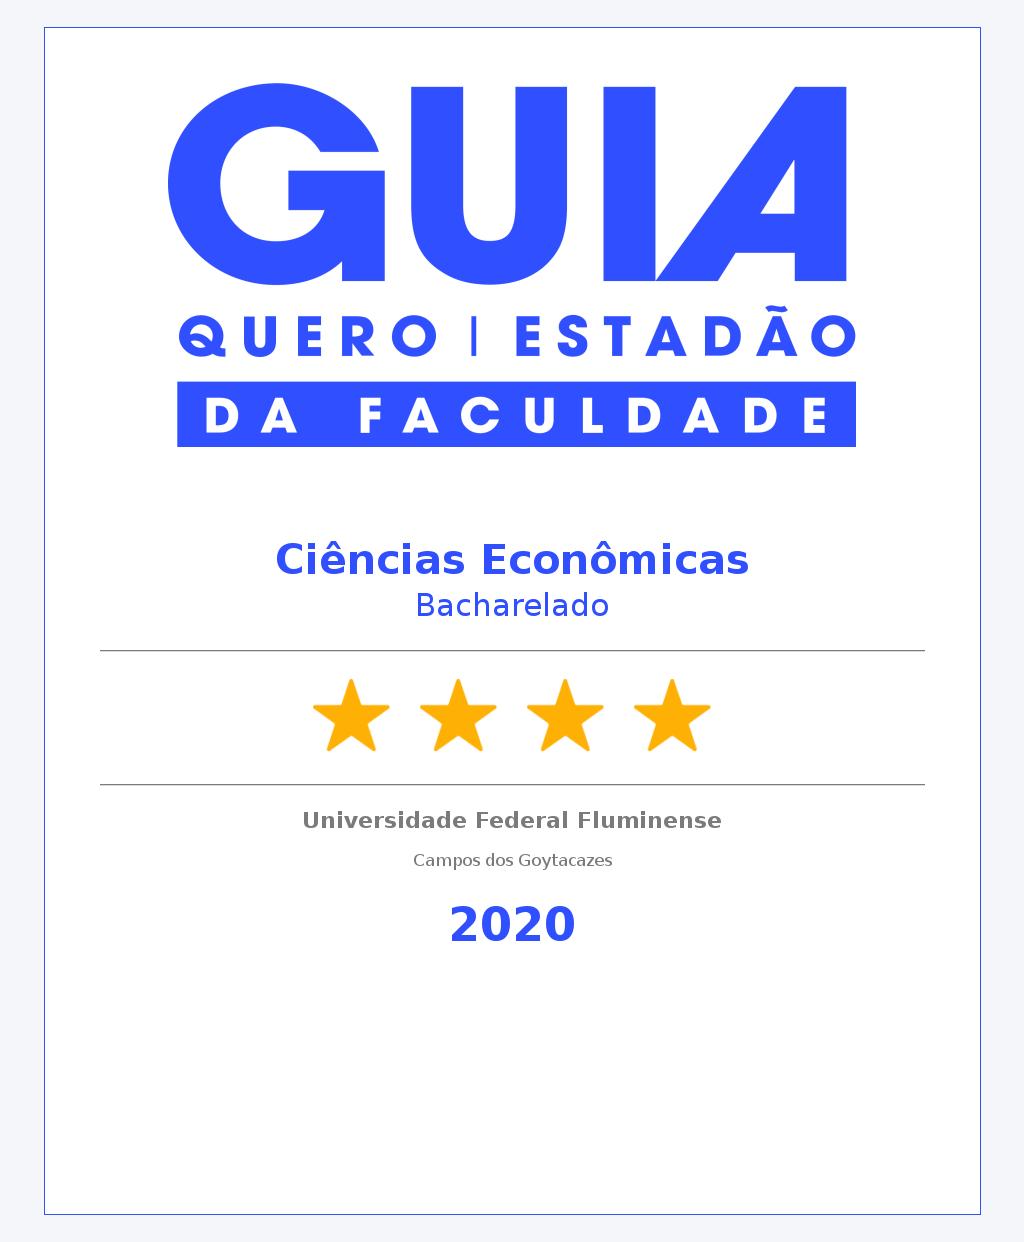 Ciências Econômicas recebe 4 estrelas no Guia da Faculdade (antigo Guia do Estudante)